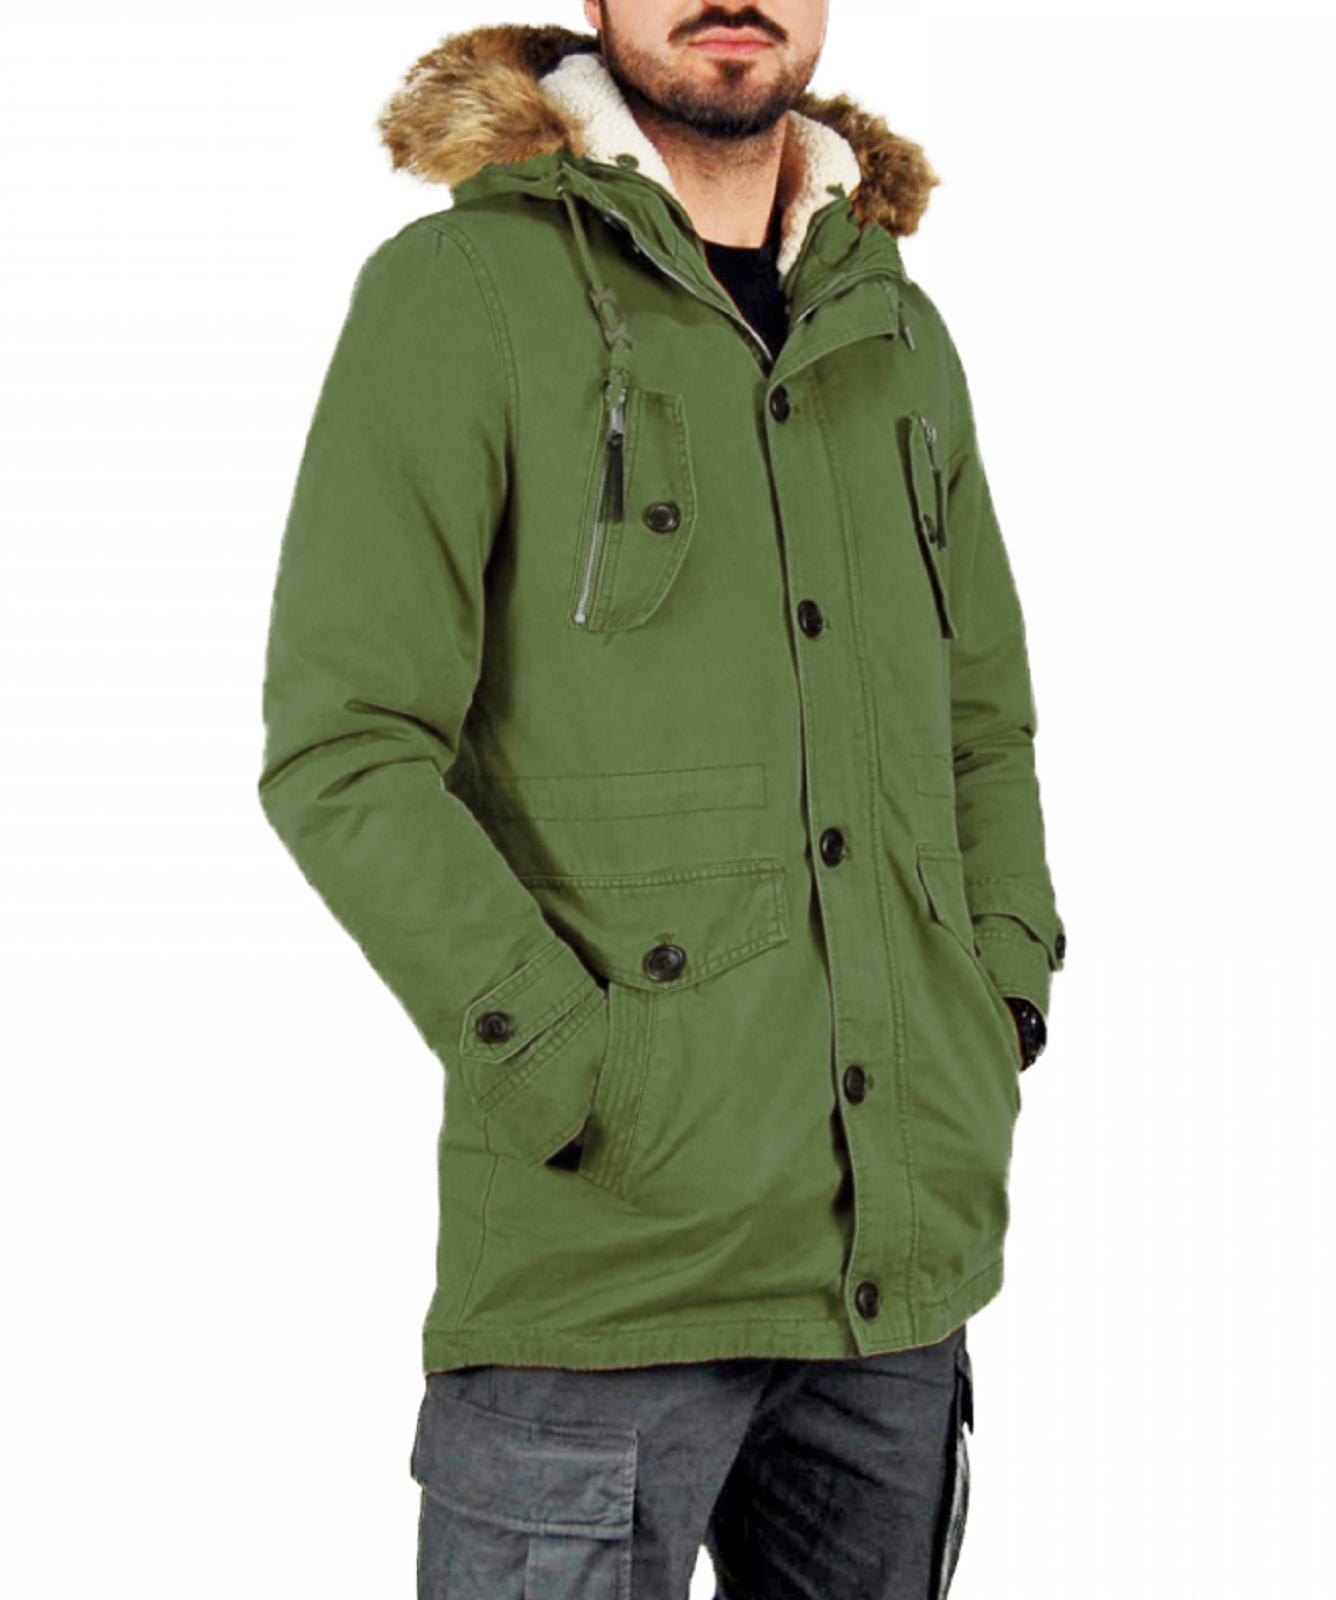 Giubbotto-Parka-Uomo-Invernale-Sfoderabile-pelliccia-cappuccio-lungo-verde miniatura 22